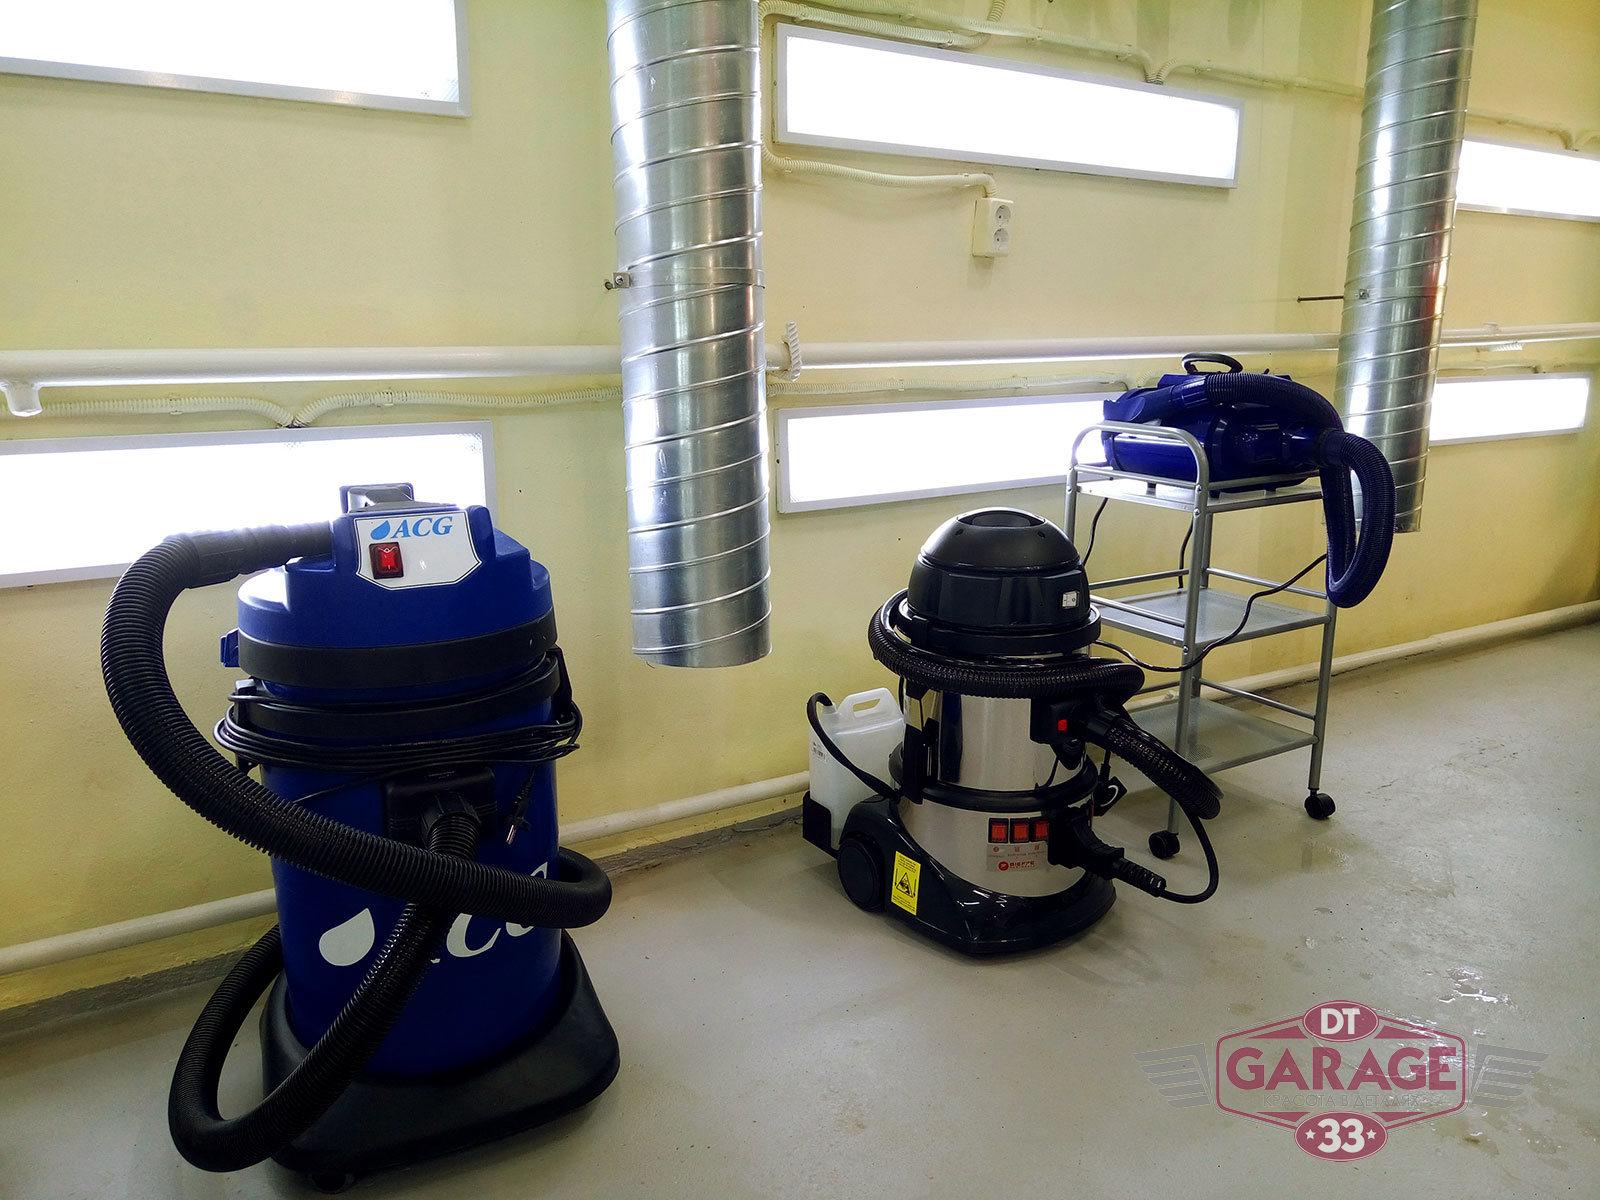 На фото профессиональное оборудование для мойки и химчистки.